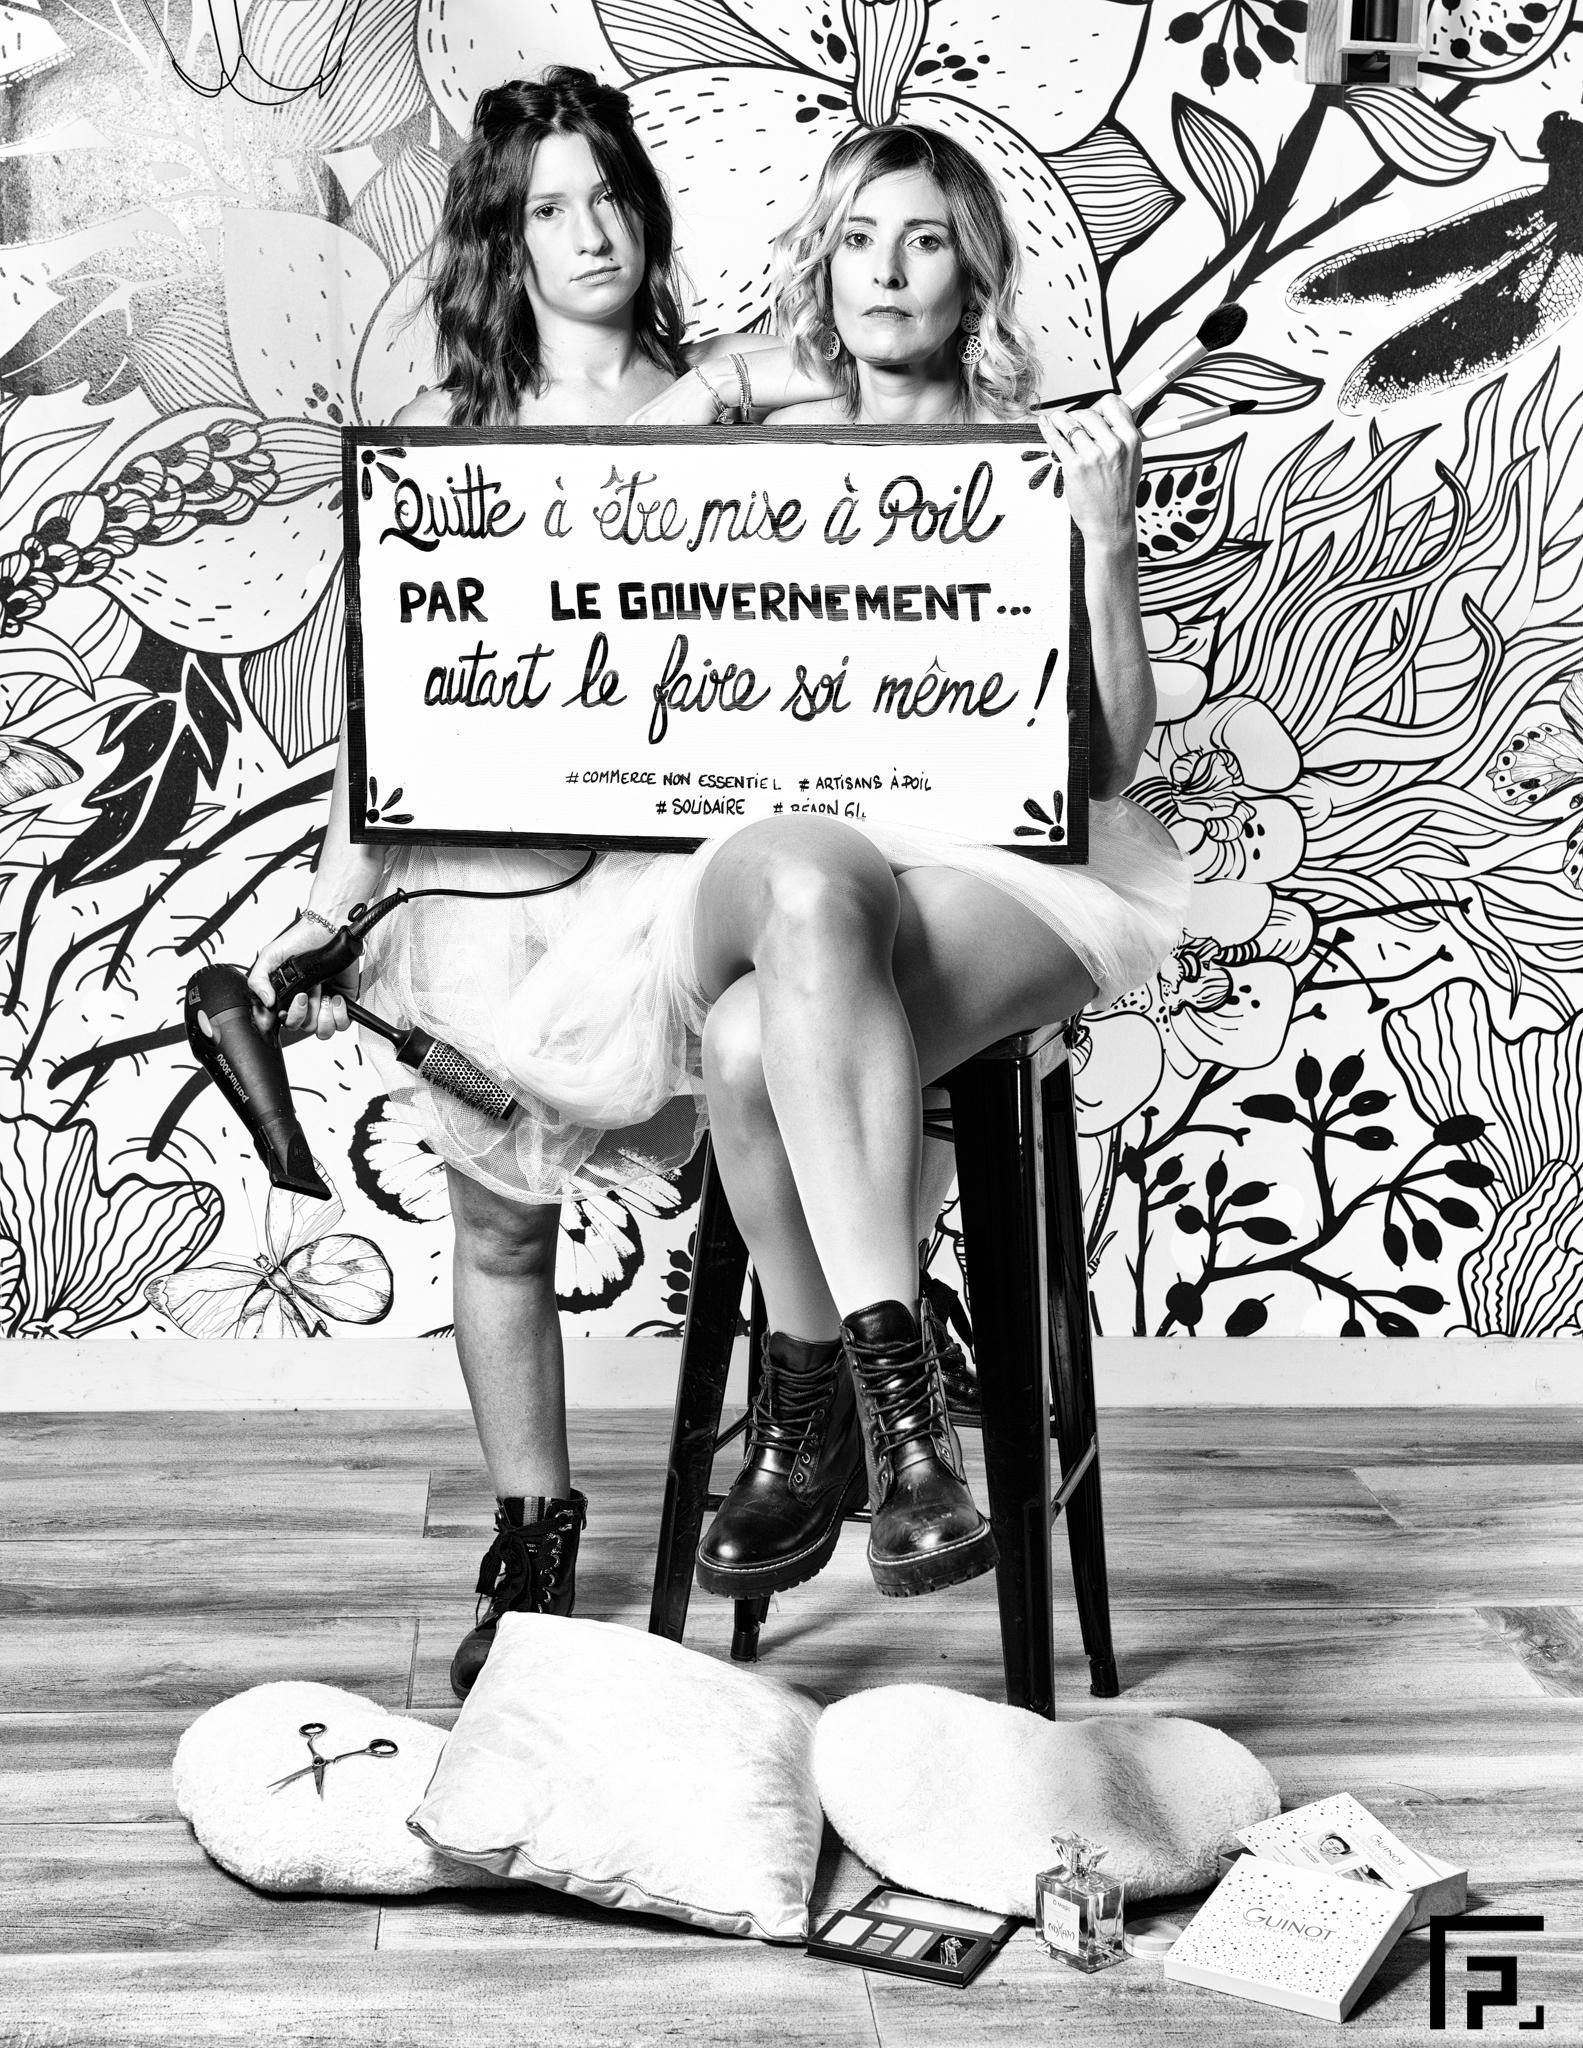 De gauche à droite Sabrina et Angeline respectivement coiffeuse et esthéticienne